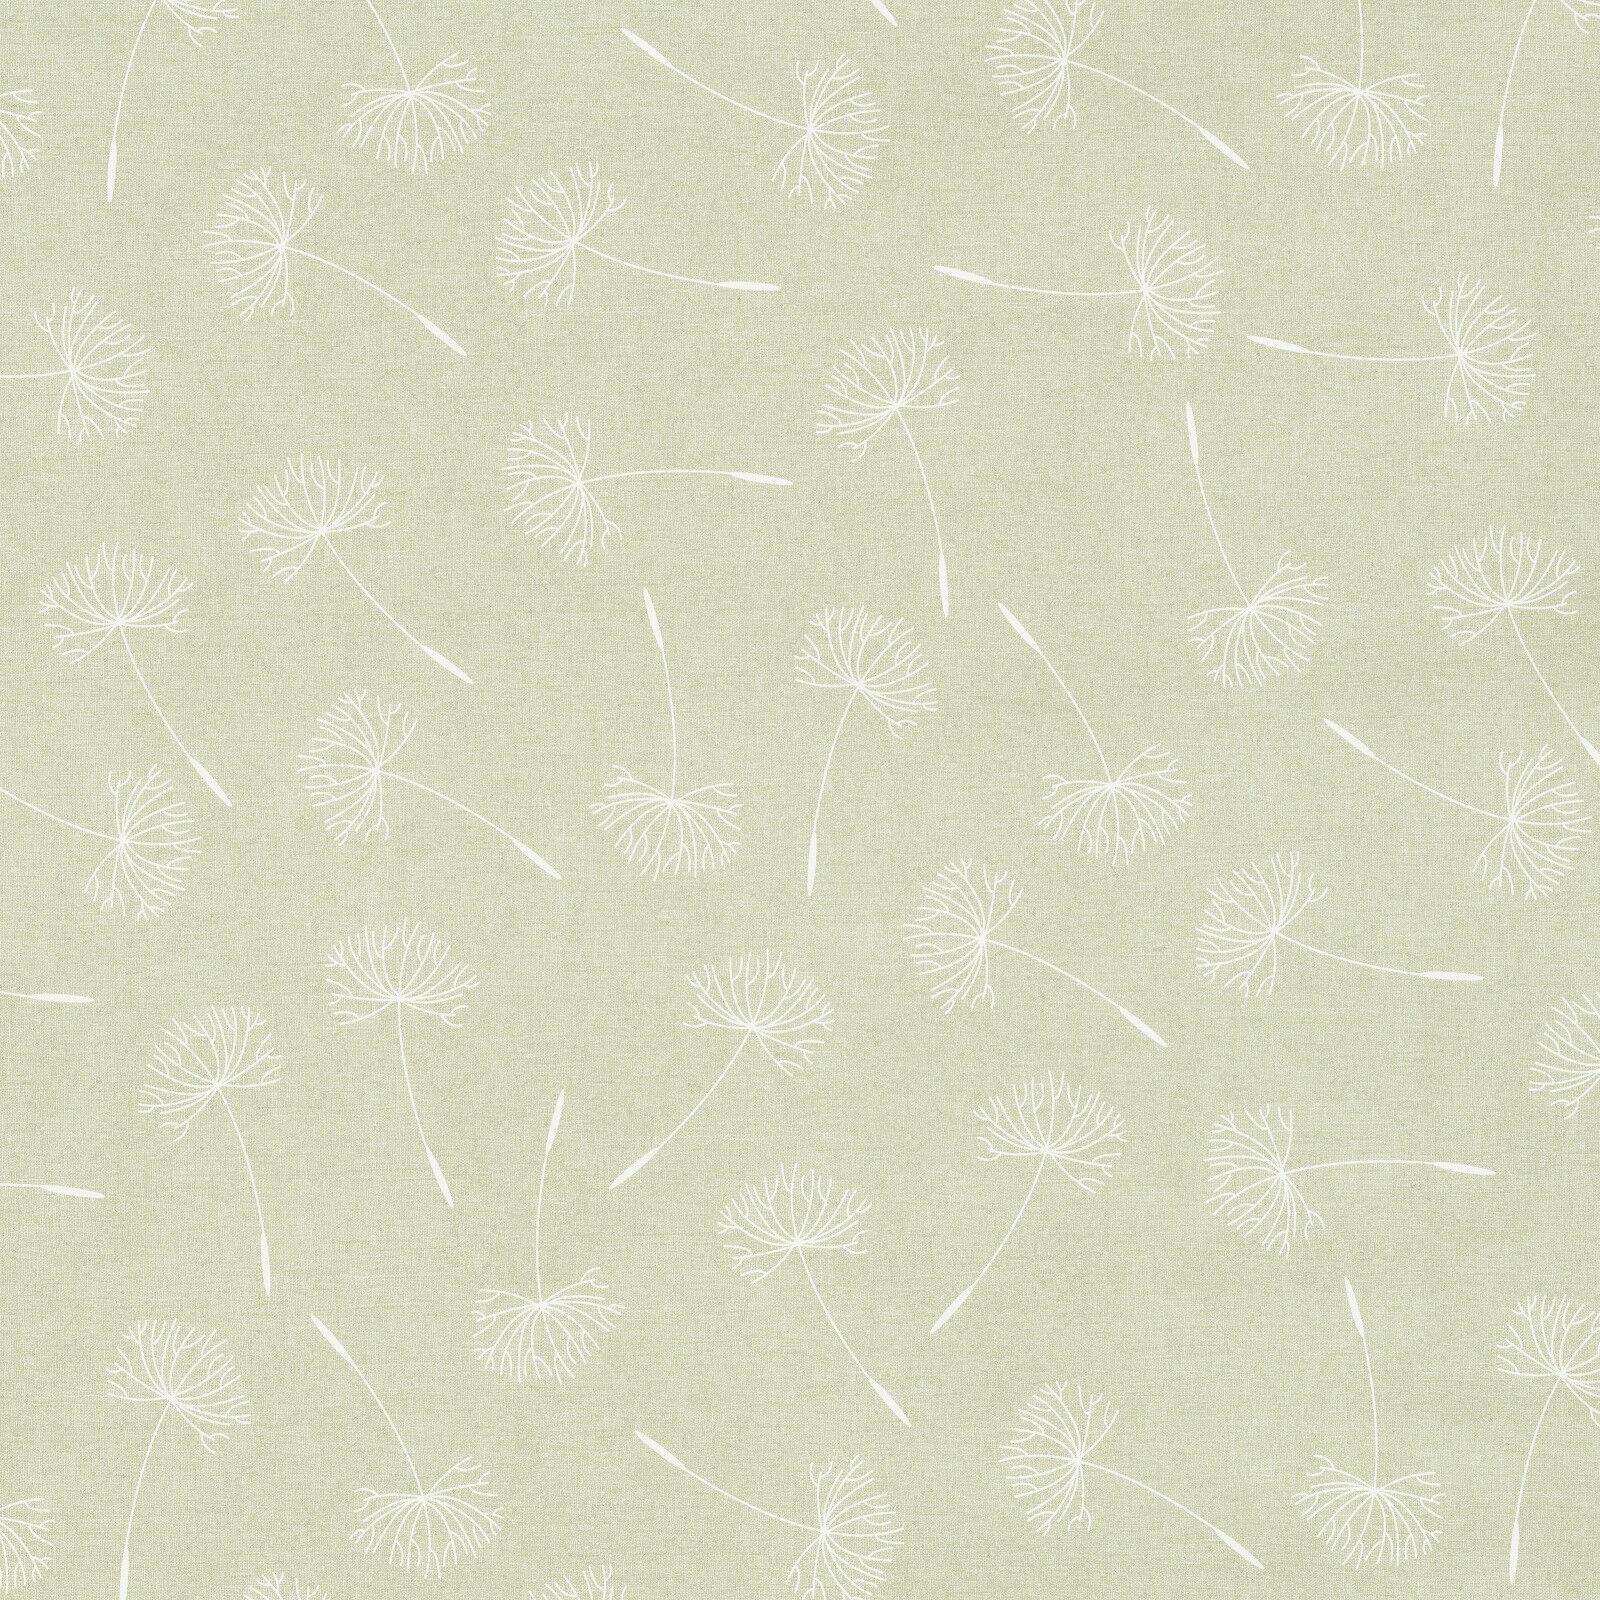 Sage Green Dandelion Leaf Floral Design PVC Vinyl Wipe Clean Tablecloth Cover